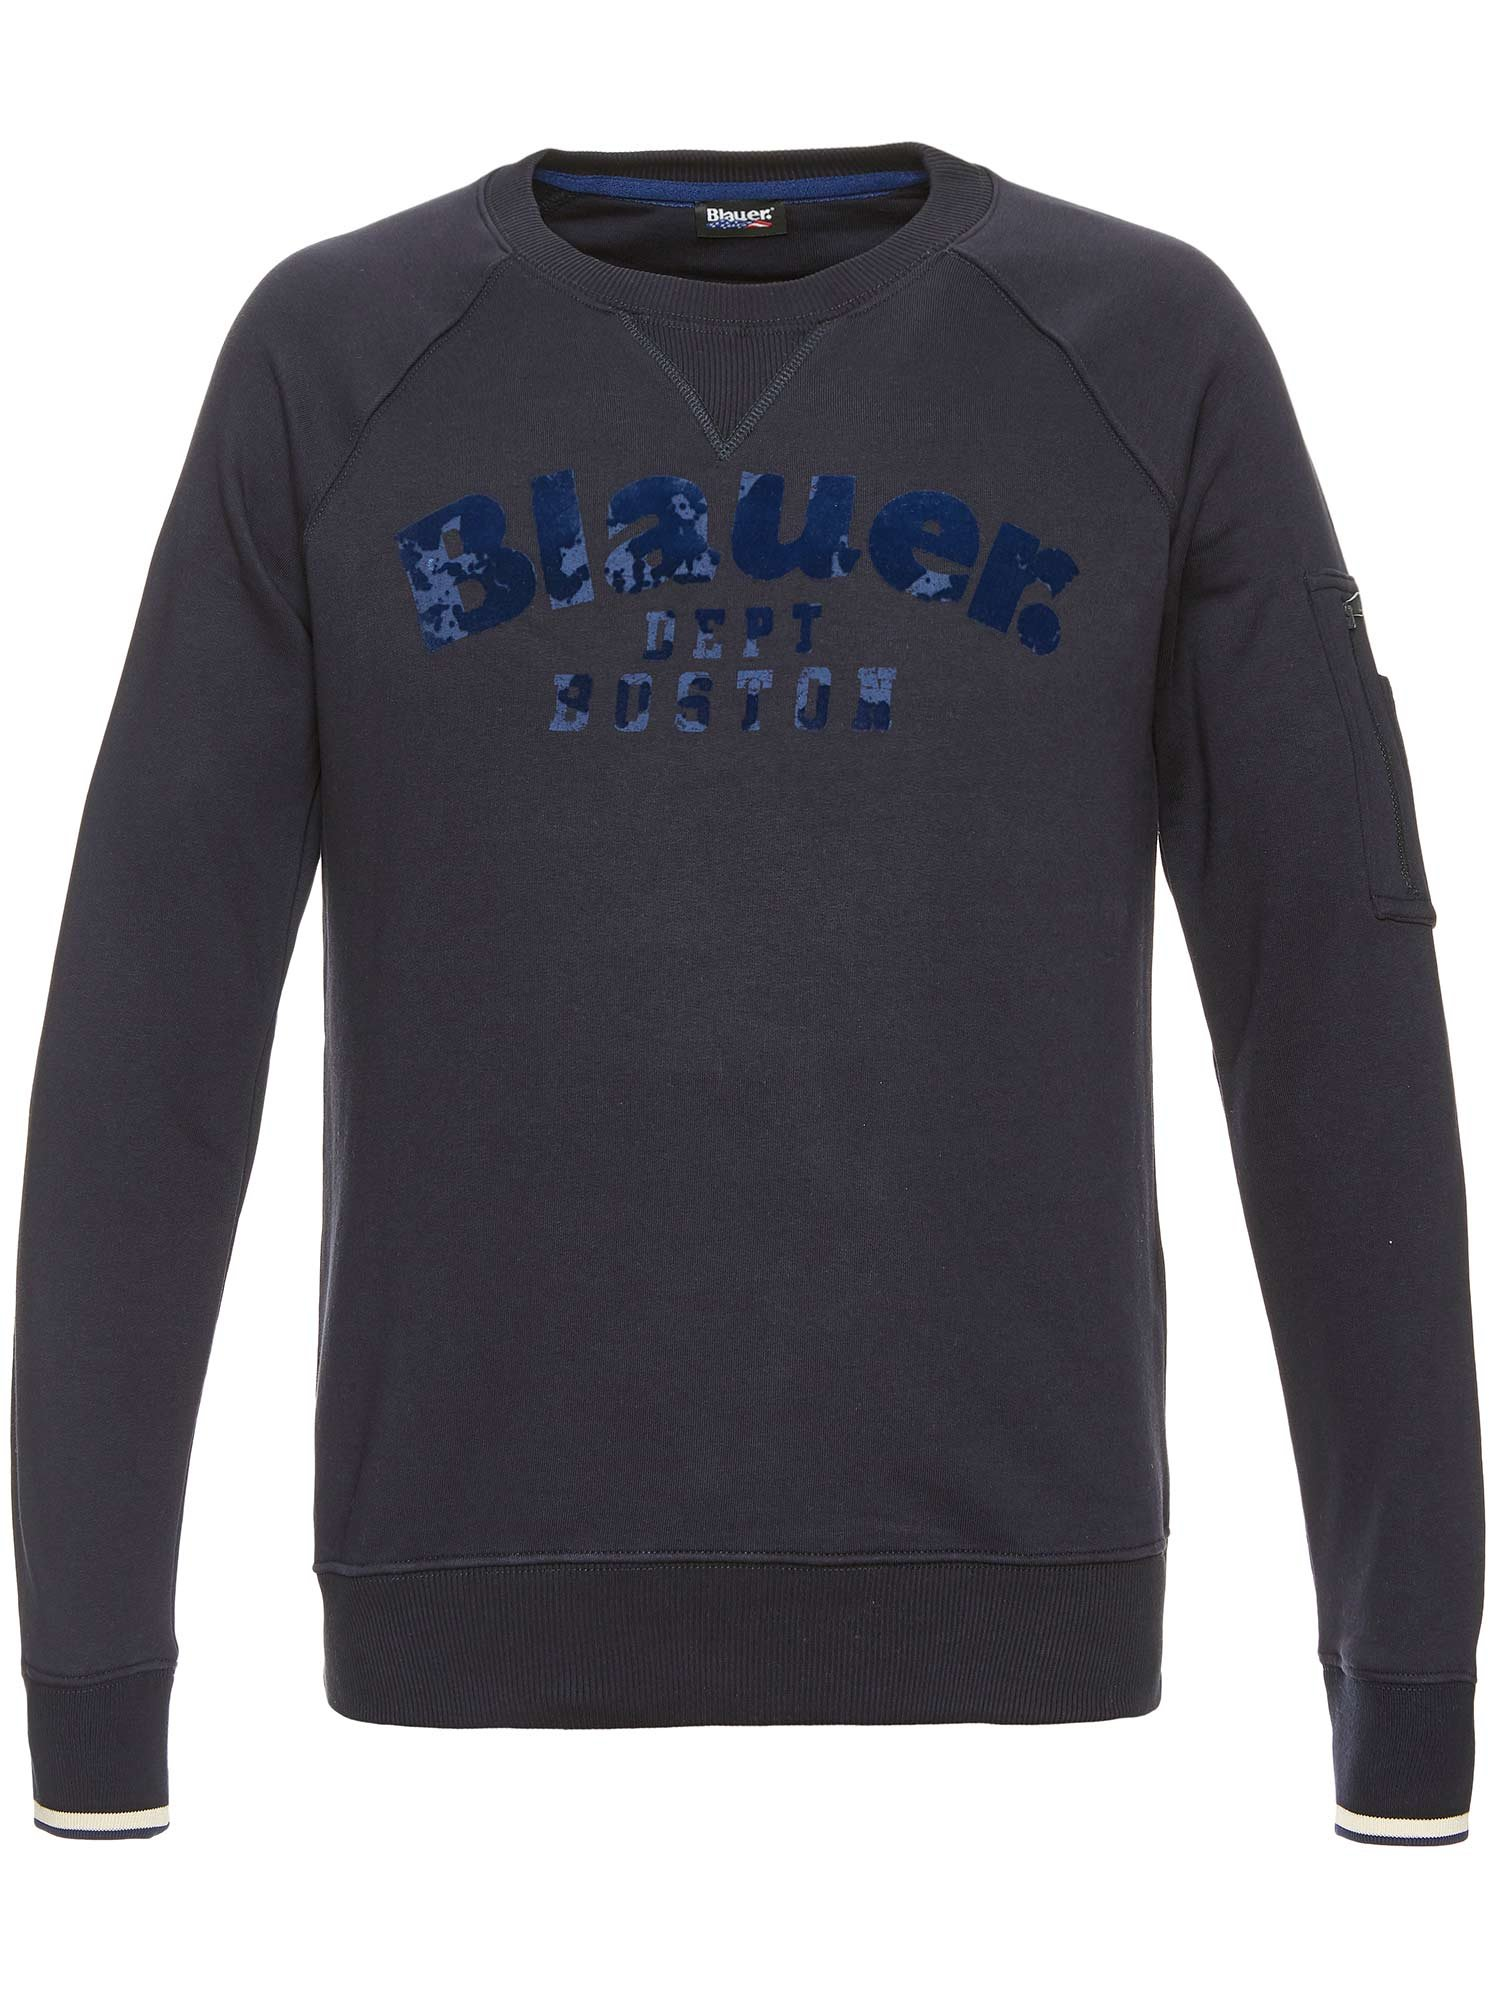 Blauer - RUNDHALS-SWEATSHIRT DEPT BOSTON - Dark Night Blue - Blauer 6e2b38bea5fe